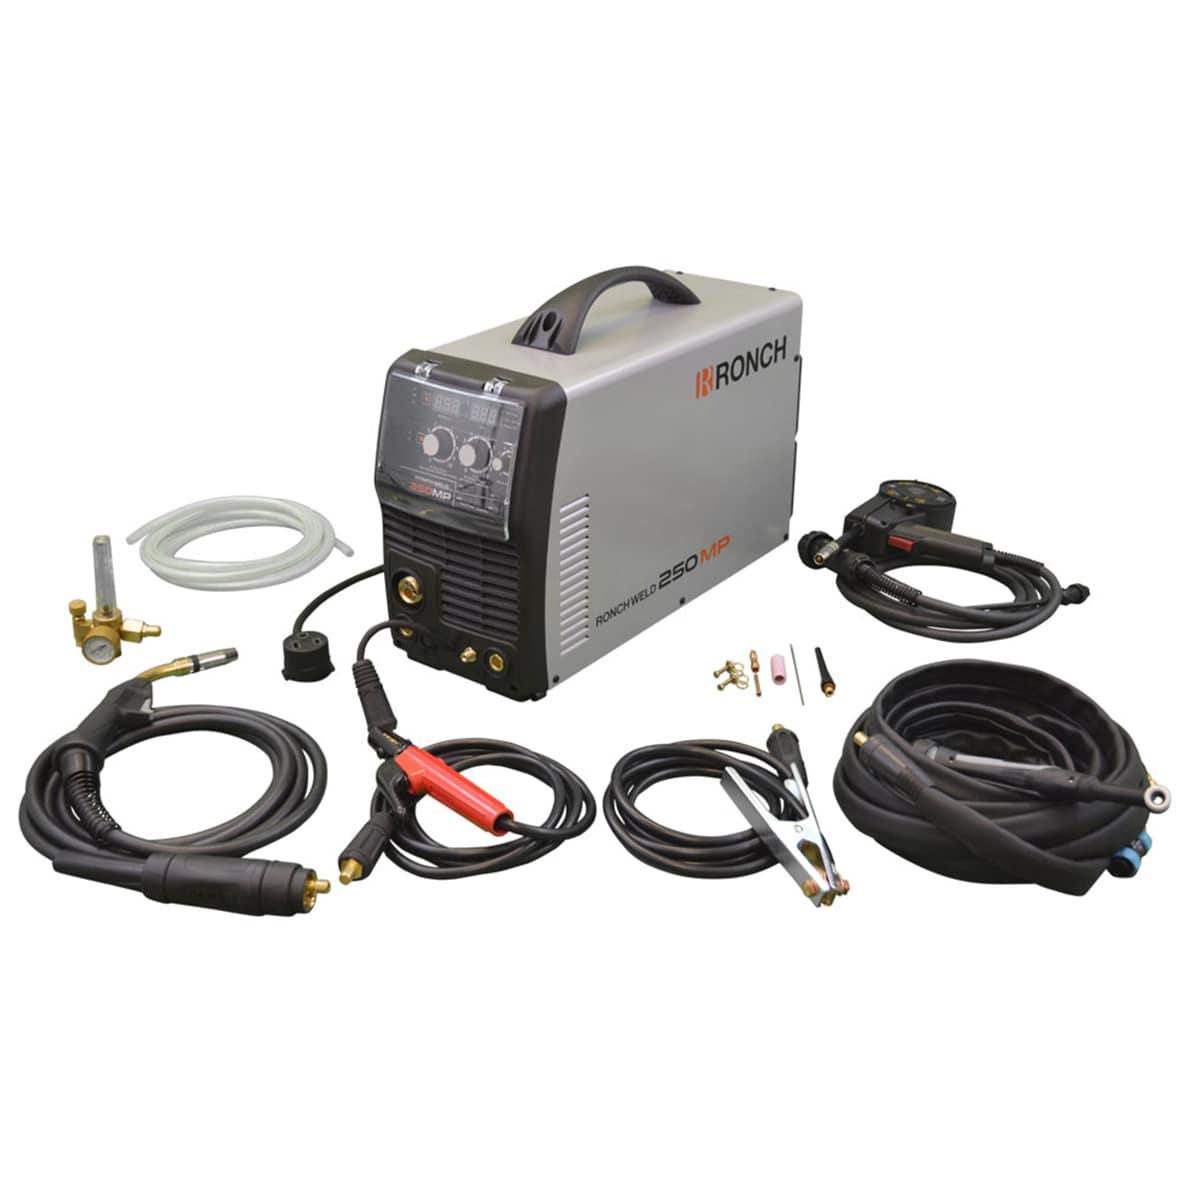 Ronch 250 MP Inverter Welder 440001